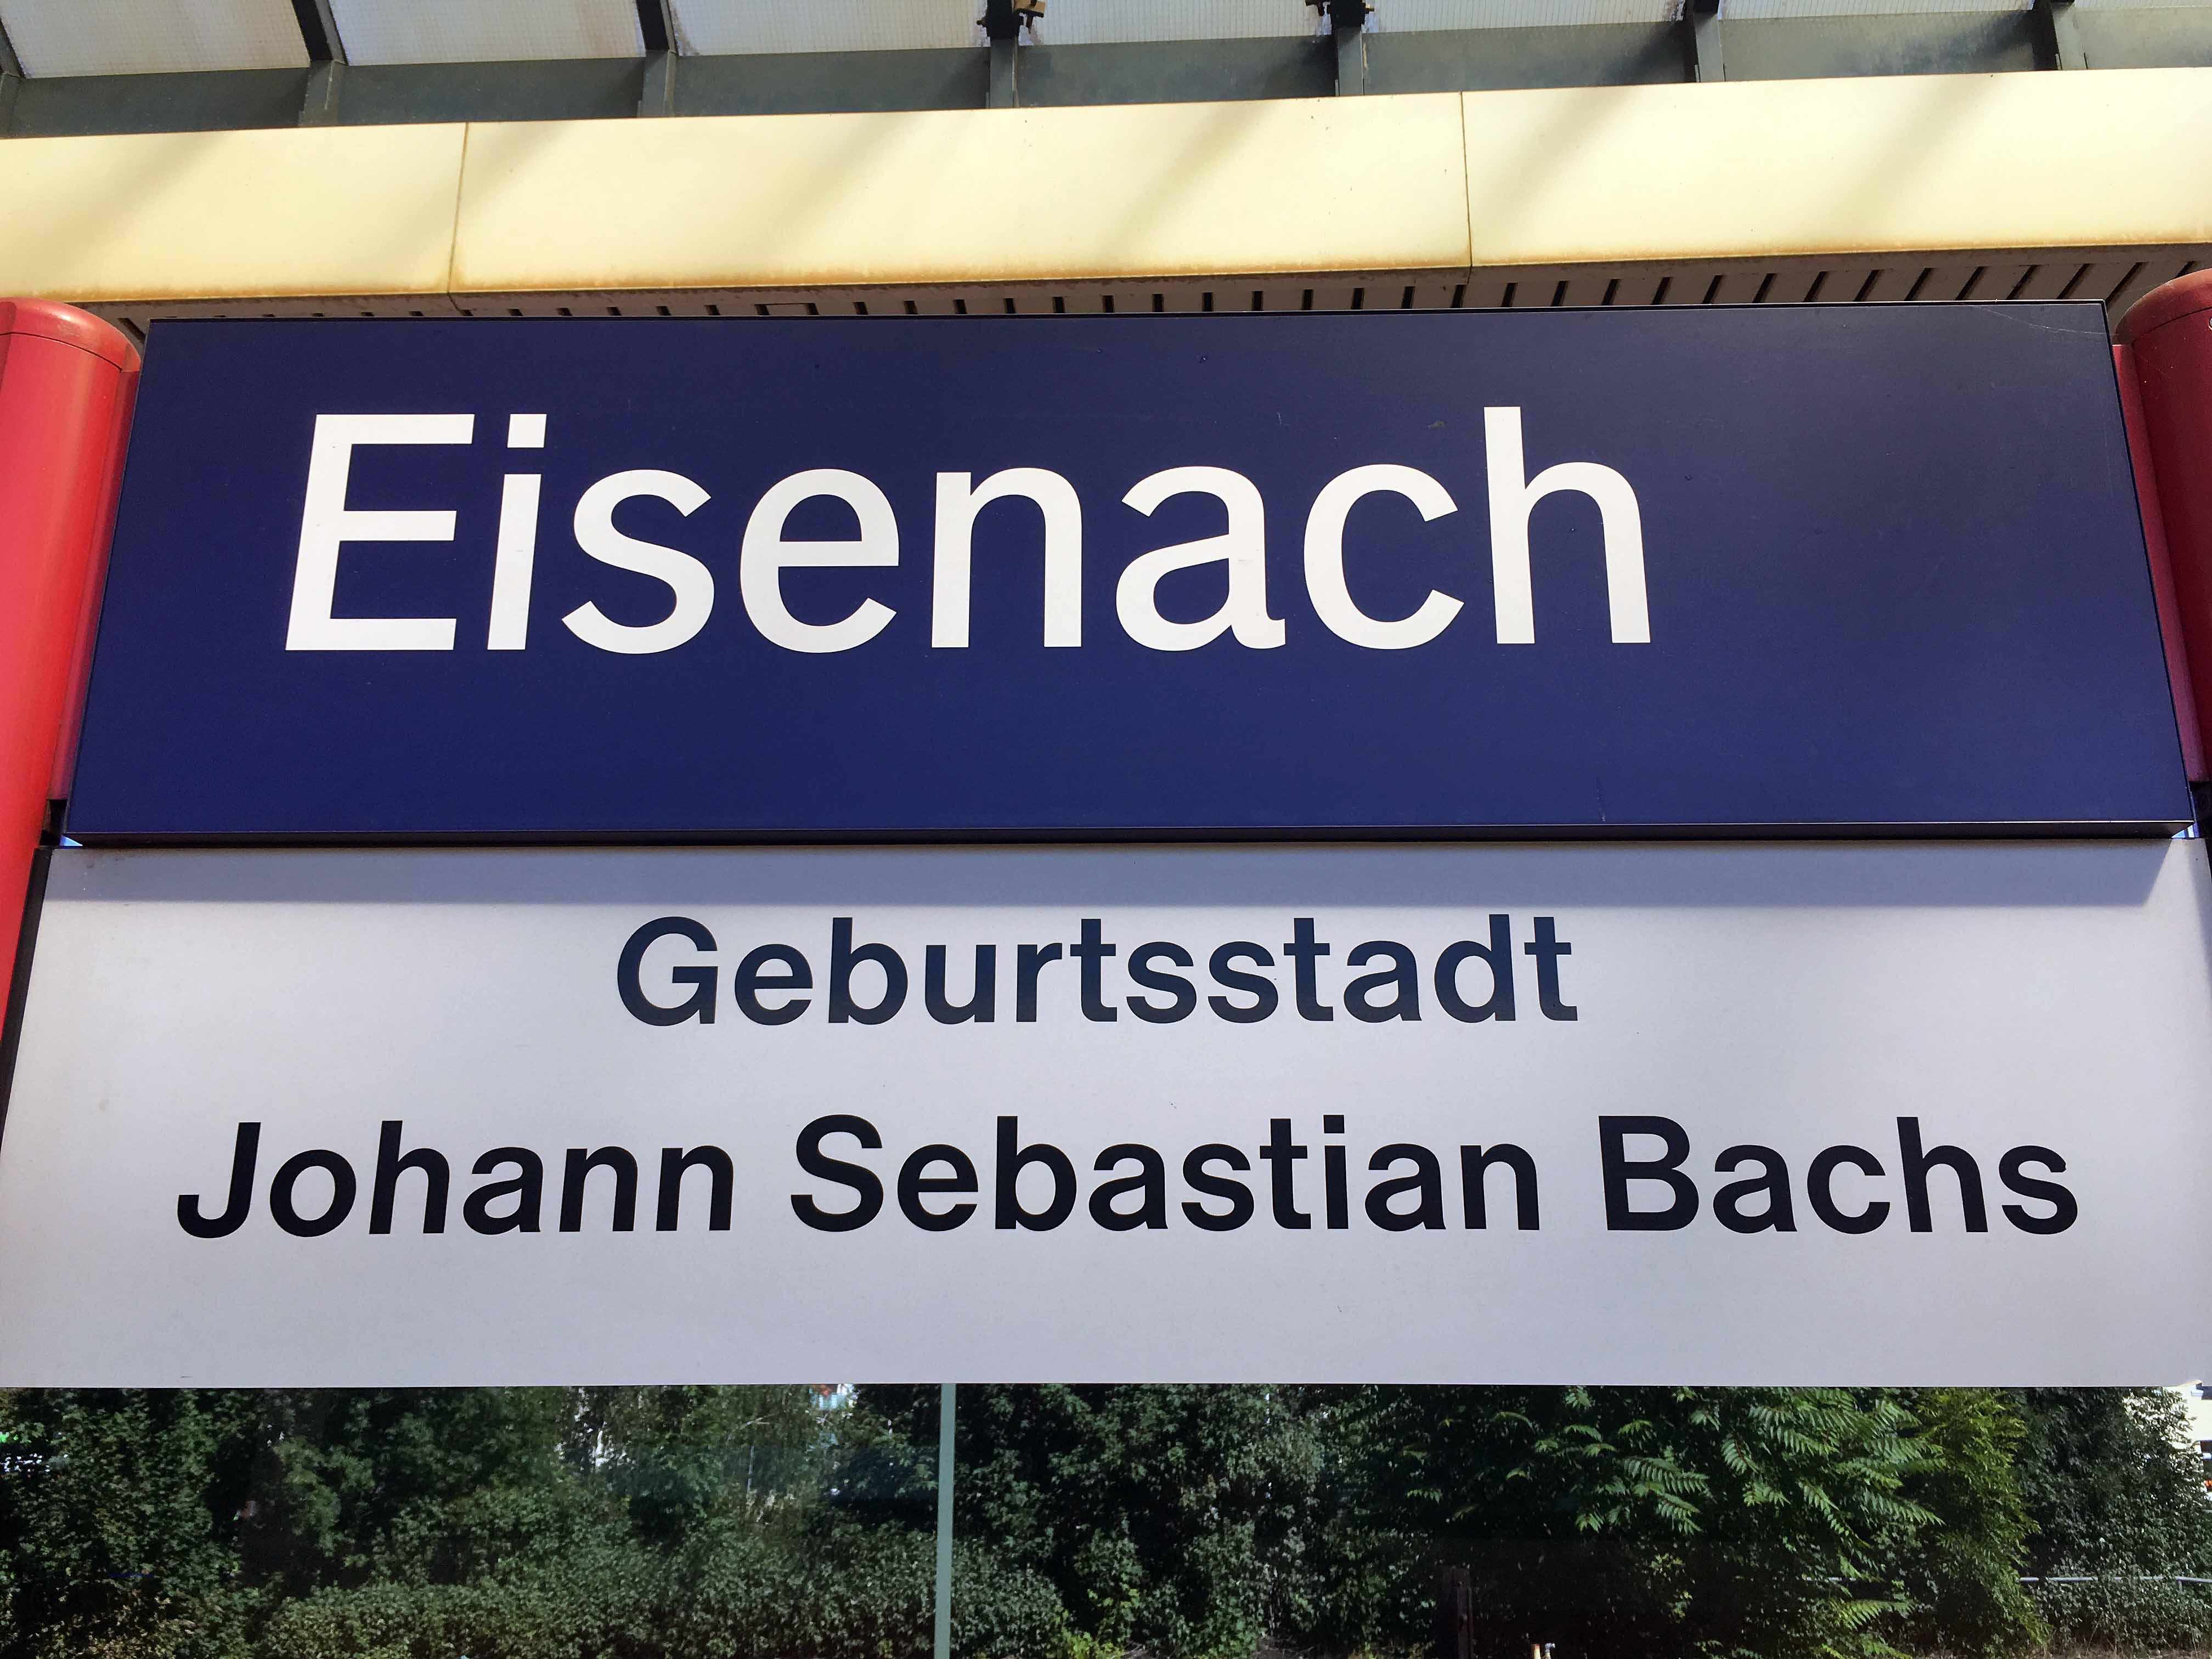 Begrüßung auf dem Bahnhof in Eisenach, Foto: D.Weirauch